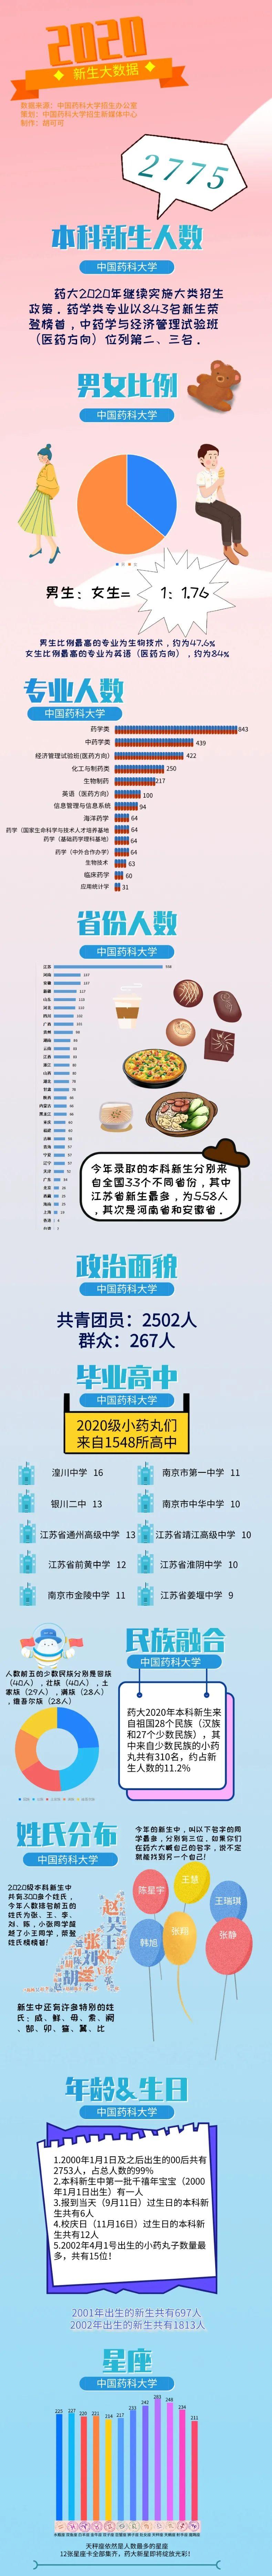 中國藥科大學2020級本科新生大數據揭秘,你想了解的都在這里!圖片